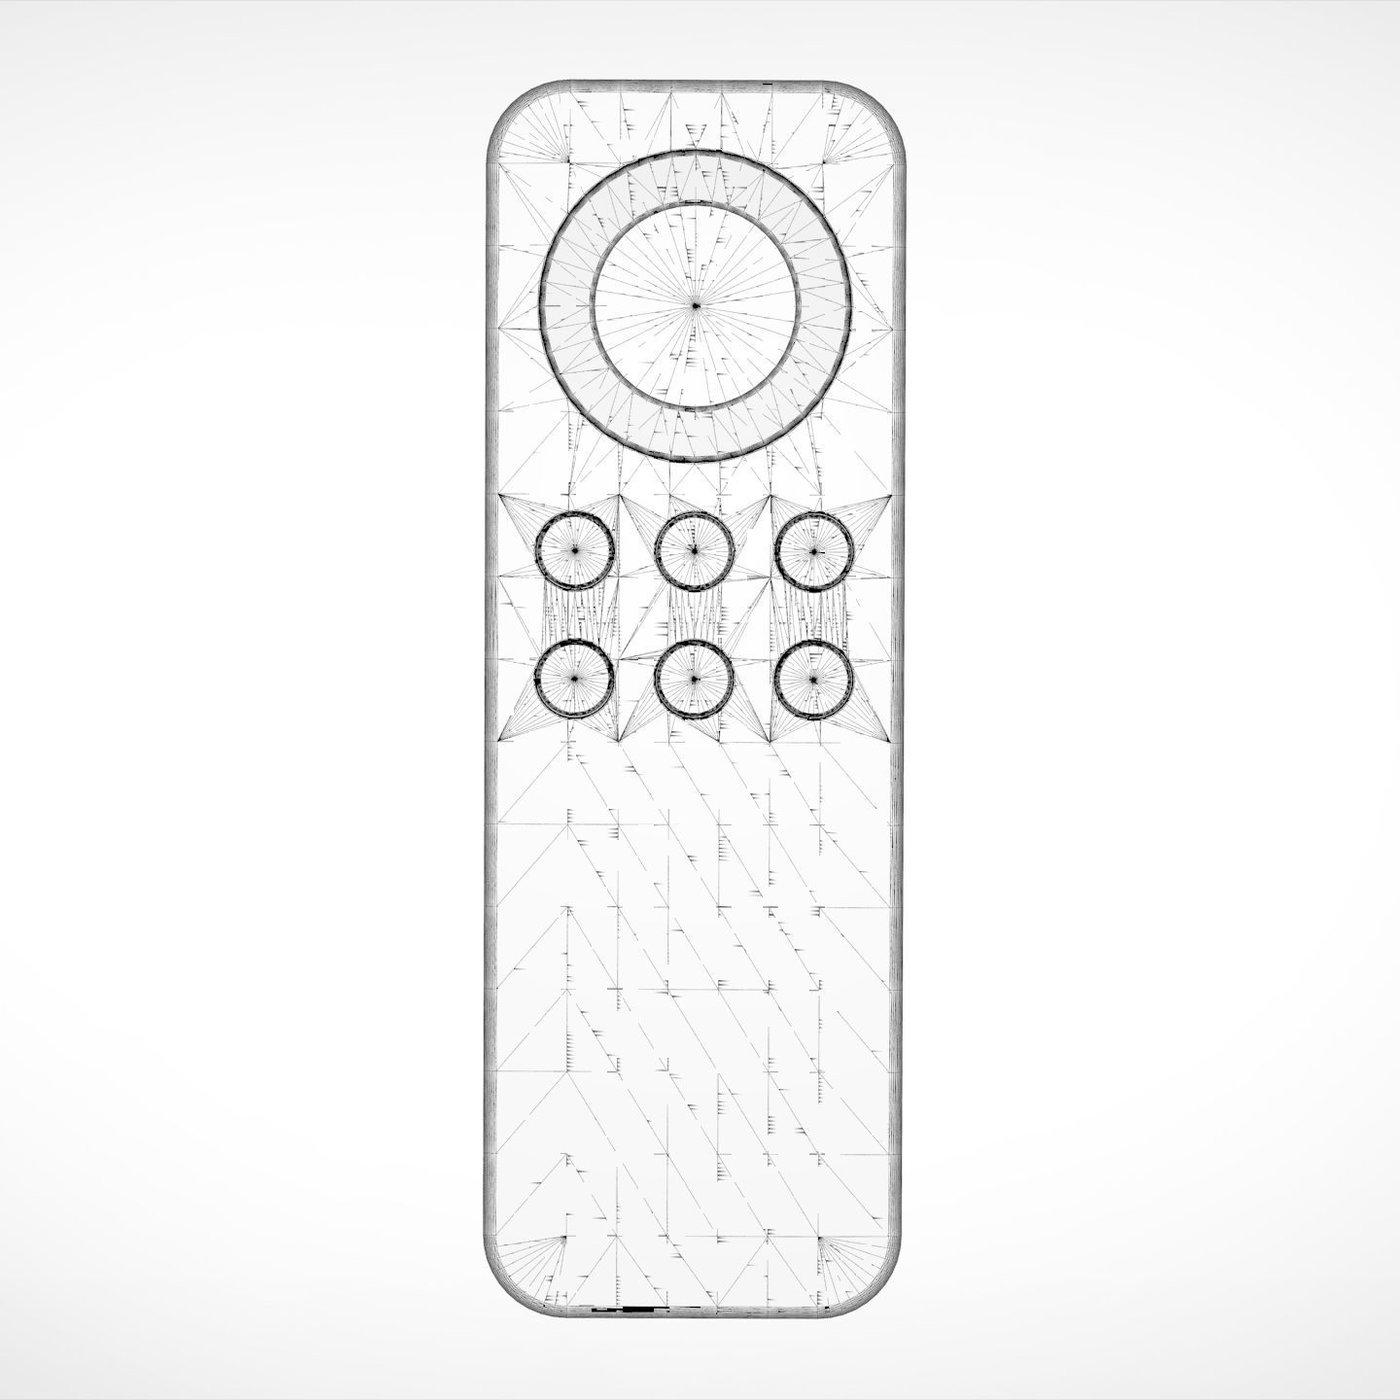 Amazon FireTV Remote